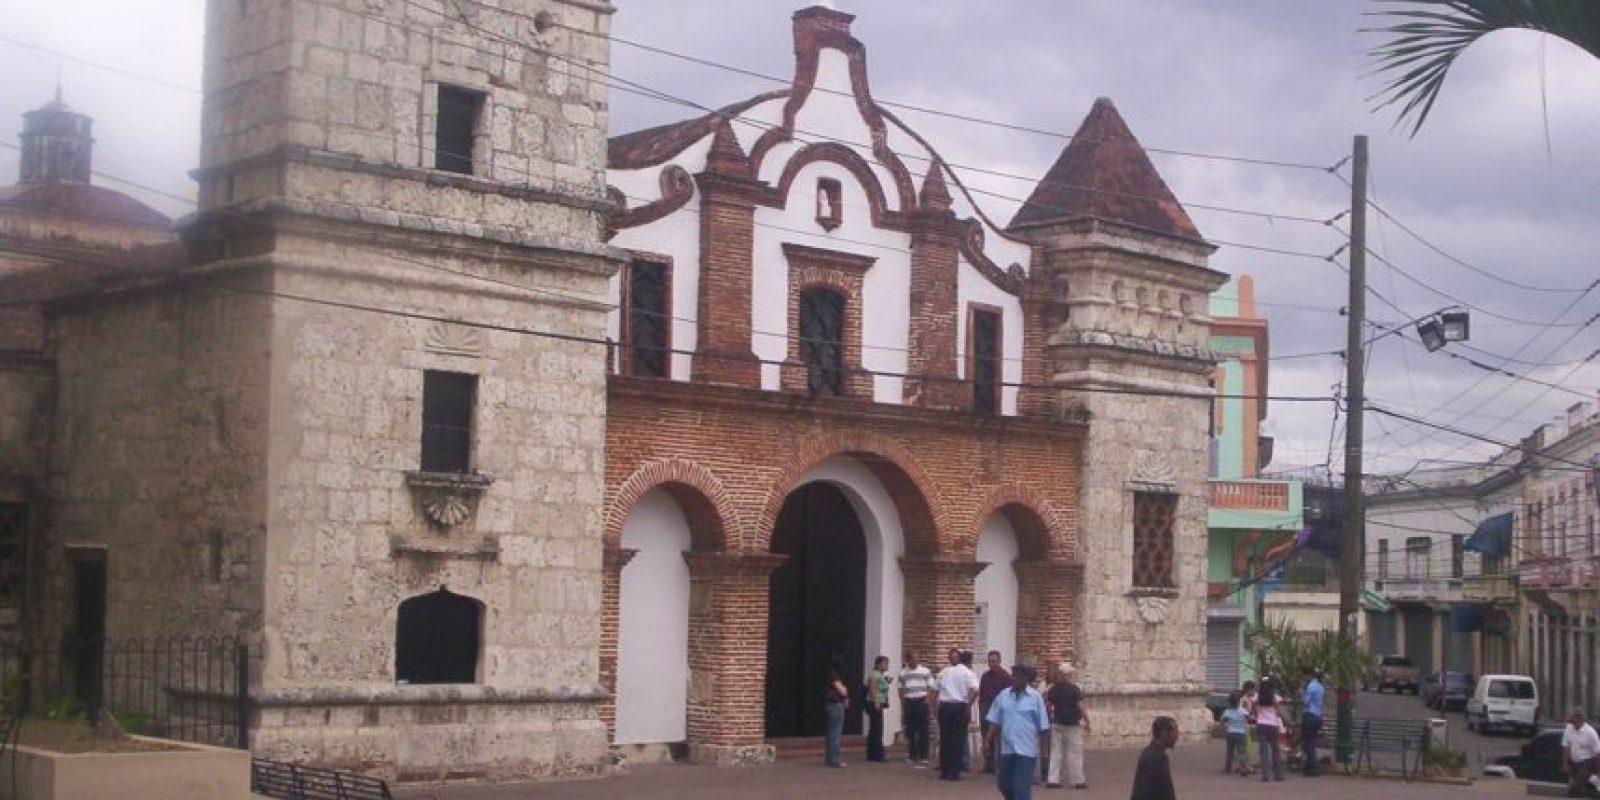 La iglesia Santa Bárbara de la Zona Colonial será restaurada. Foto:Fuente externa